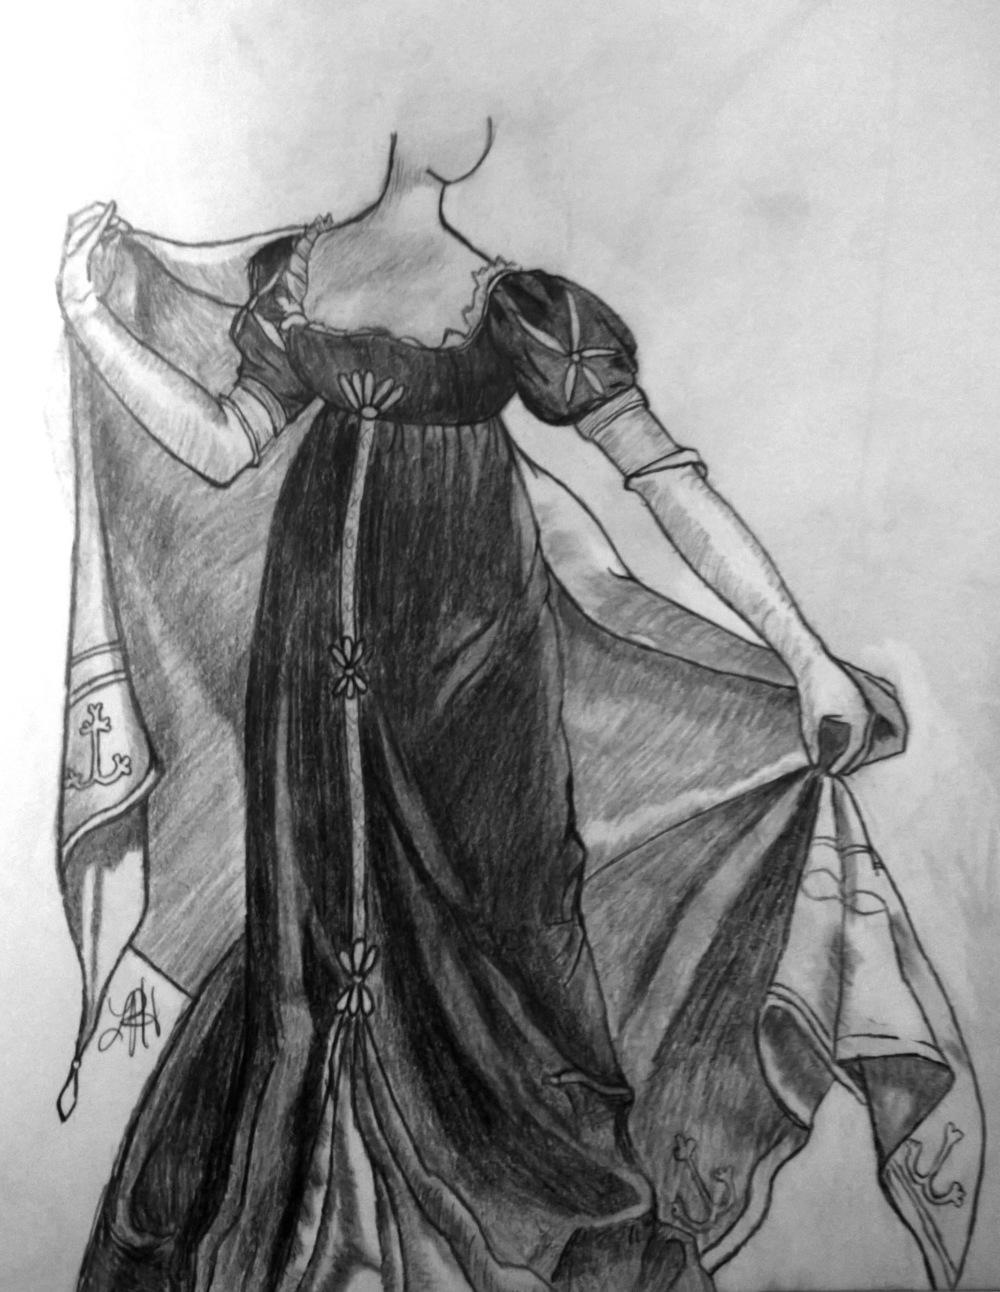 Victorian Costume & Fabric Studies by Lauren Hodges